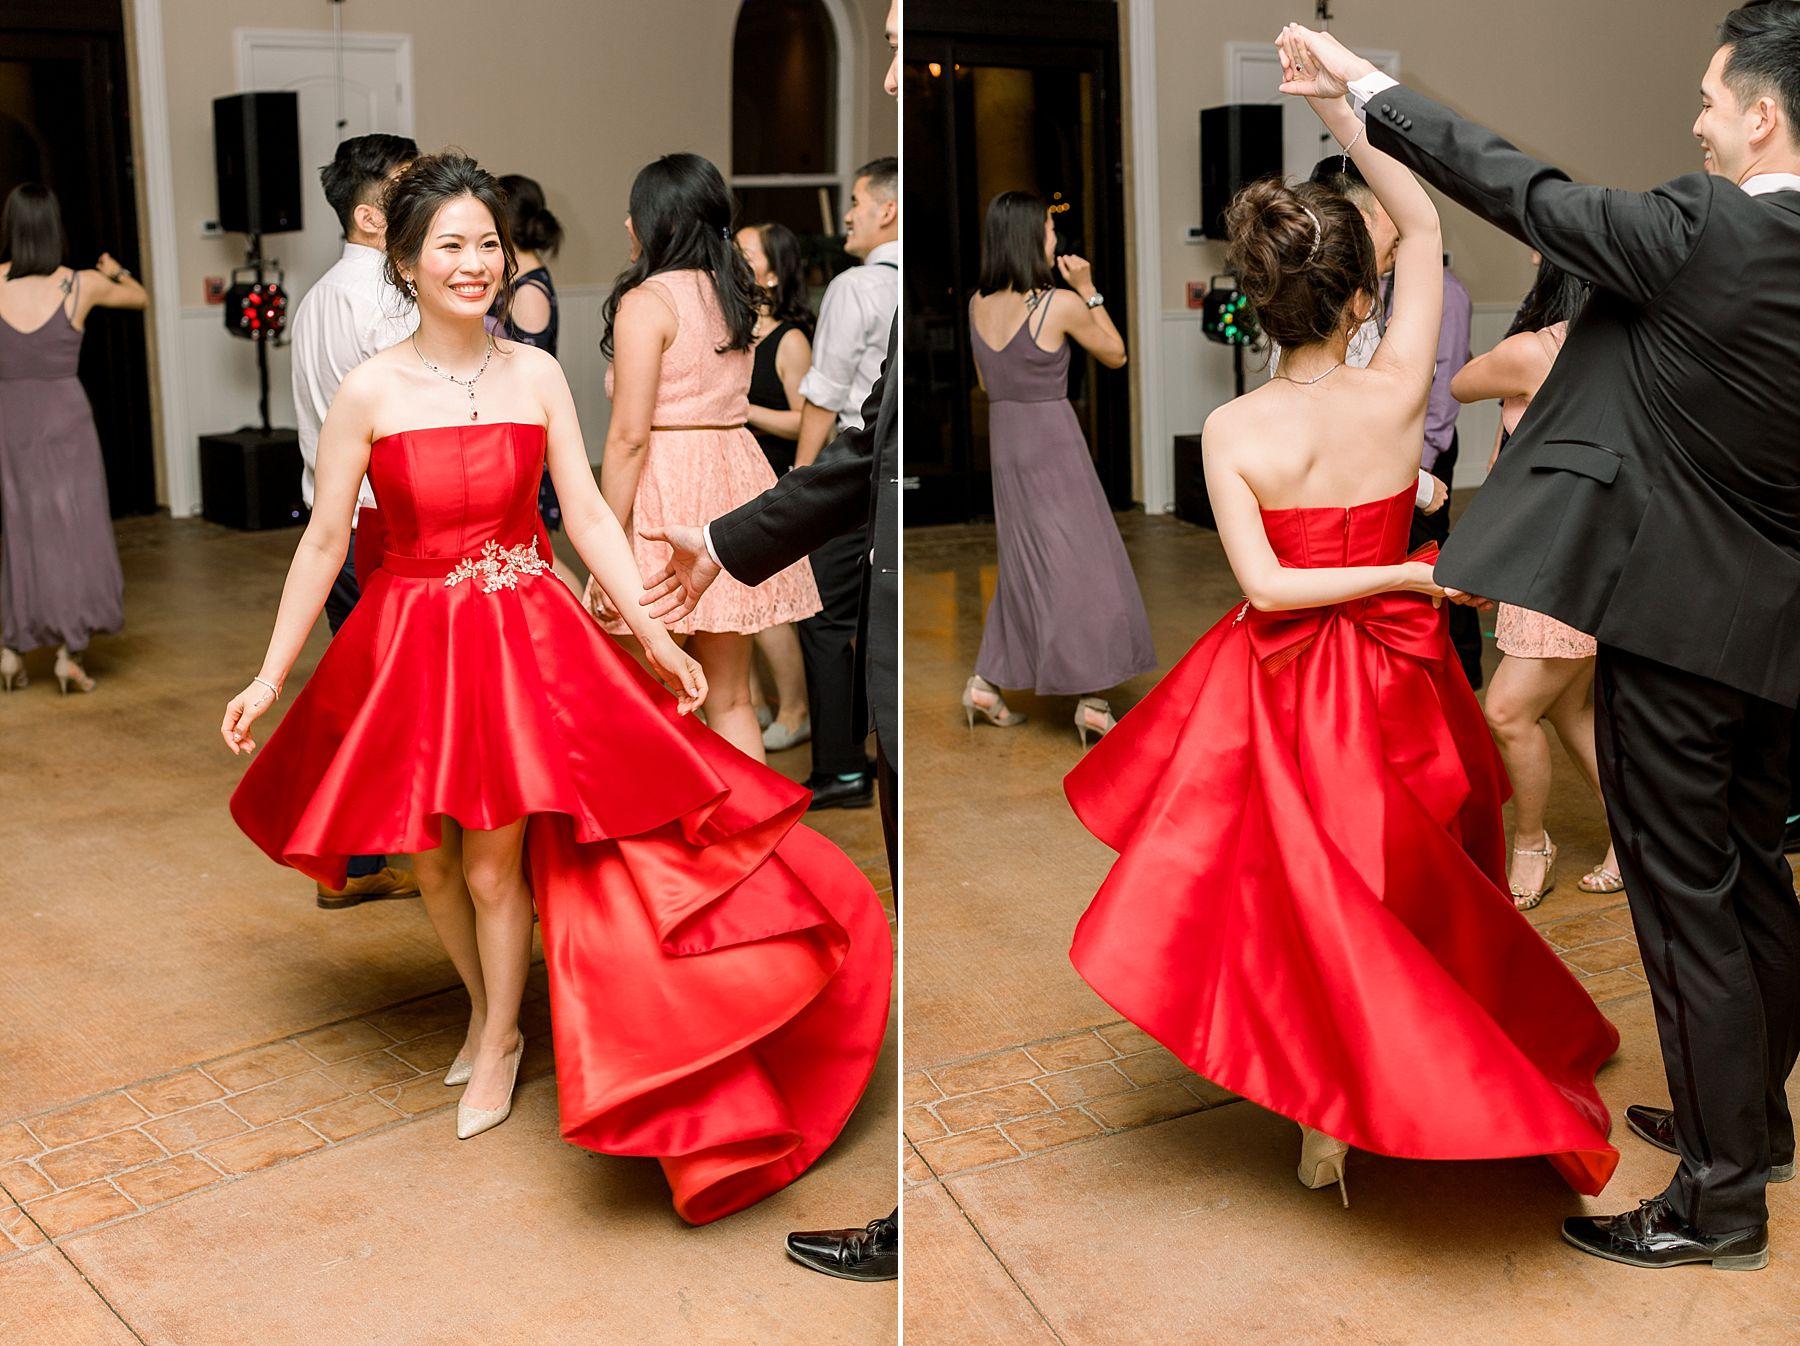 Newberry Estate Vineyards Wedding - Ashley Baumgartner - Jasmine and Johhny - Bay Area Wedding Photographer - Sacramento Wedding Photographer_0055.jpg